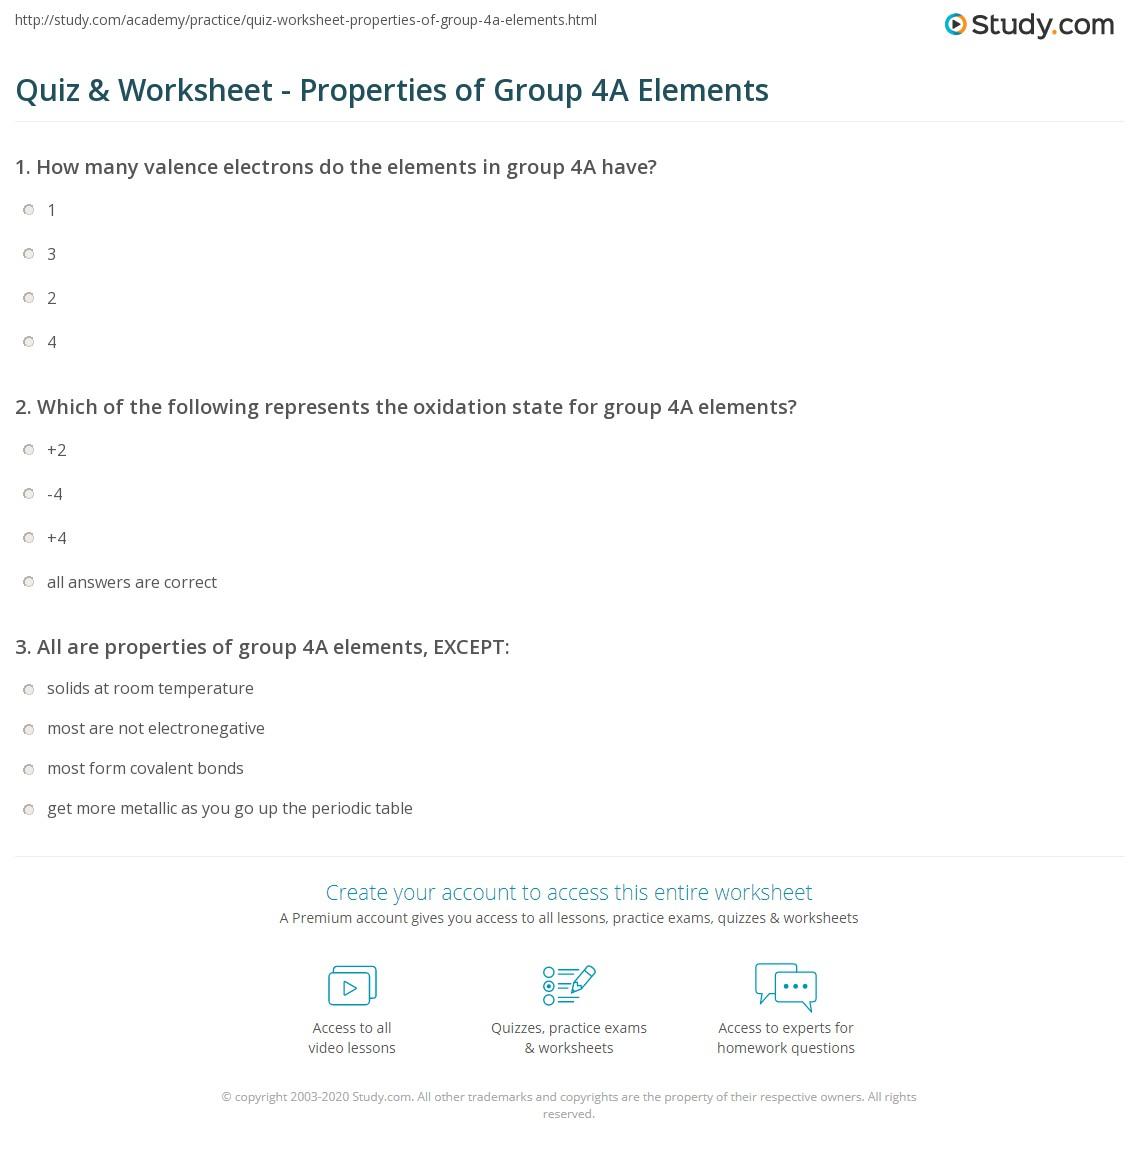 Quiz worksheet properties of group 4a elements study print group 4a elements definition properties worksheet urtaz Gallery